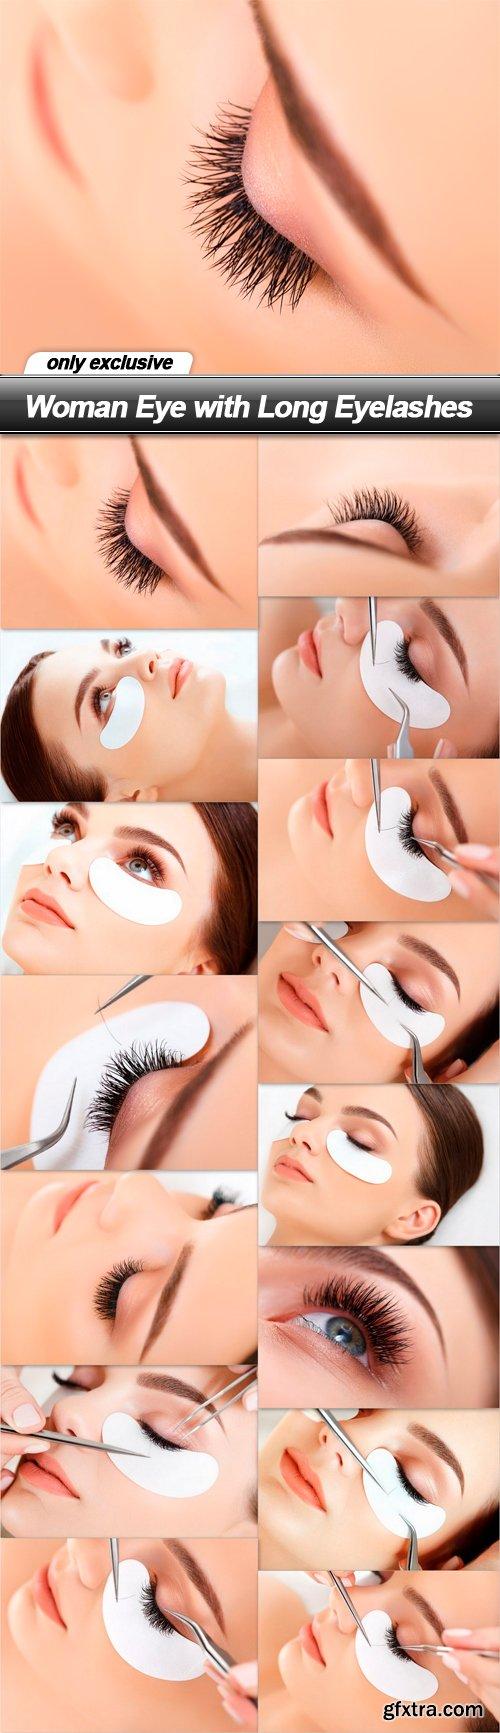 Woman Eye with Long Eyelashes - 15 UHQ JPEG